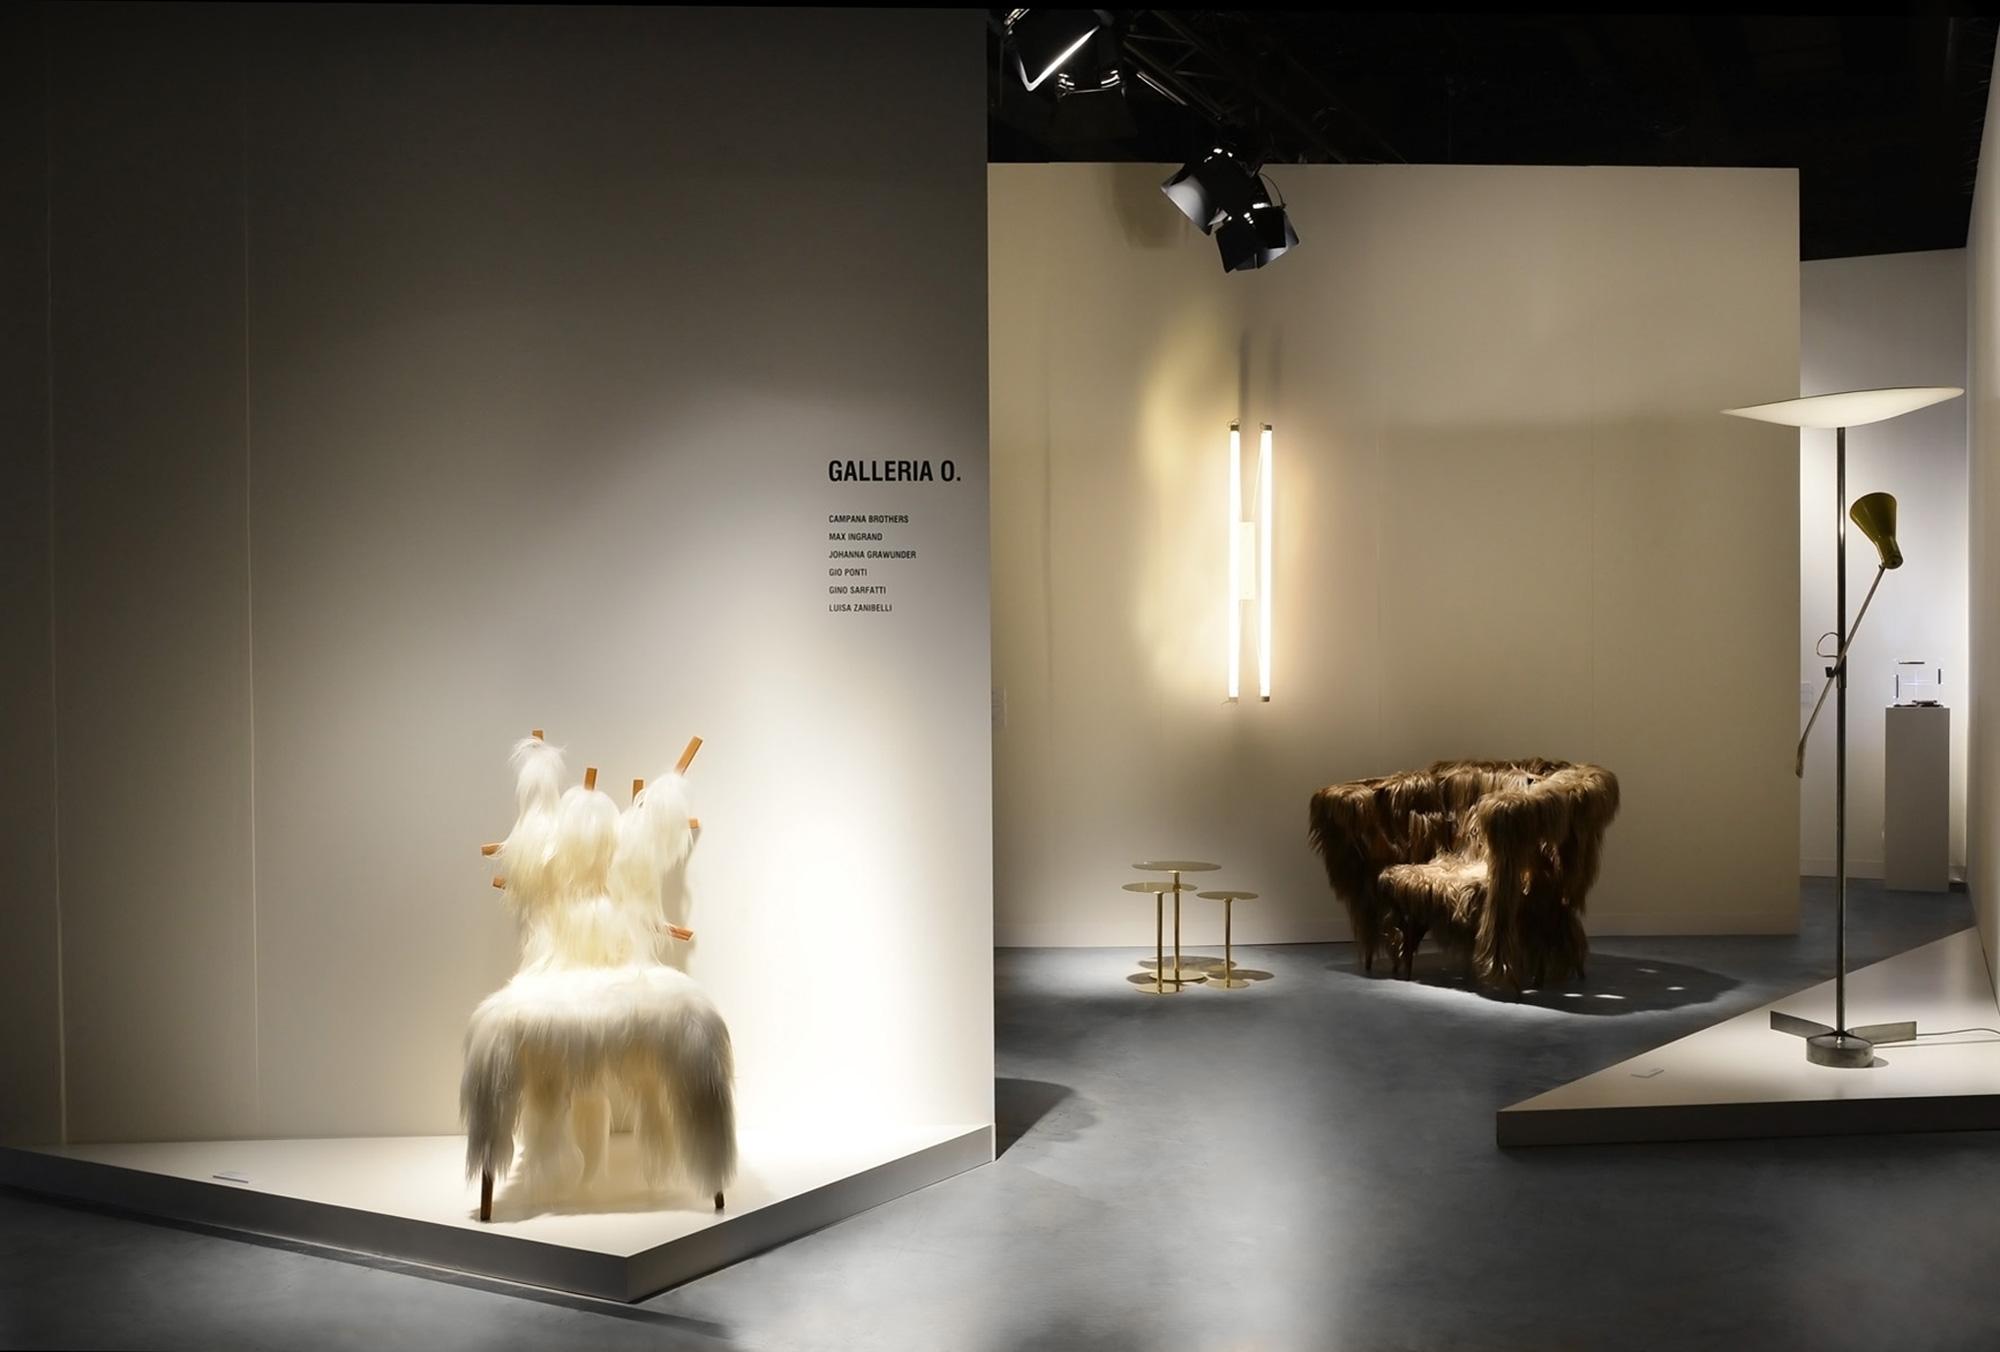 Bevilacqua Architects – Gallerio O' at Design Miami/Basel 2013